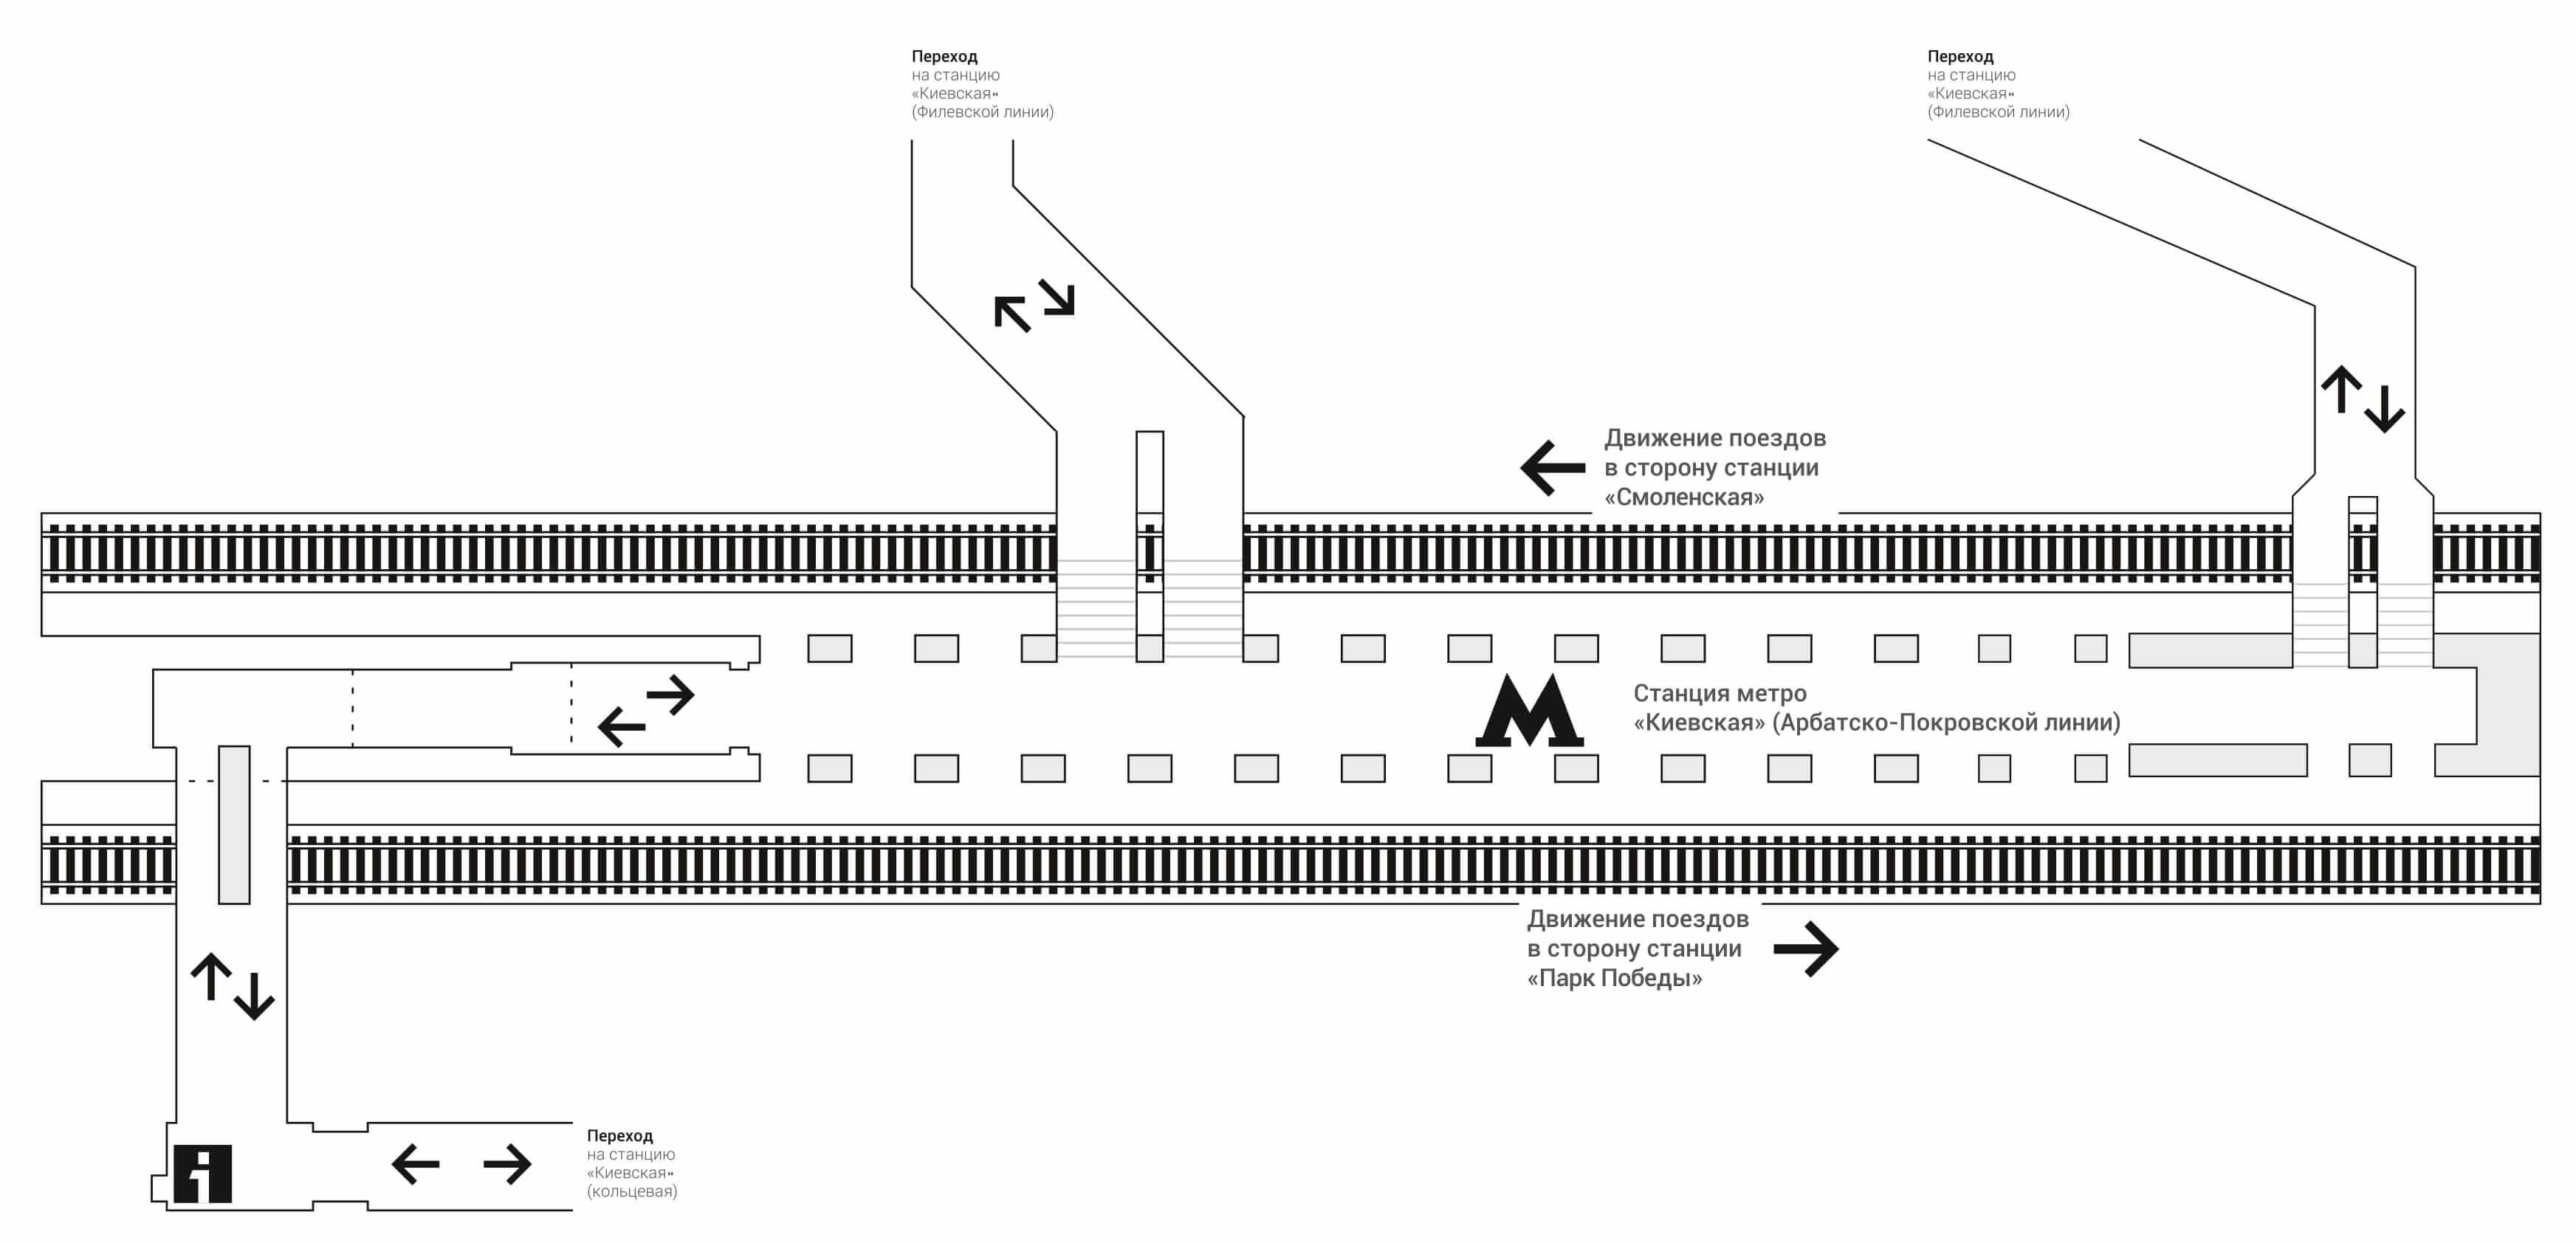 Схема метро арбатская арбатско-покровской линии5